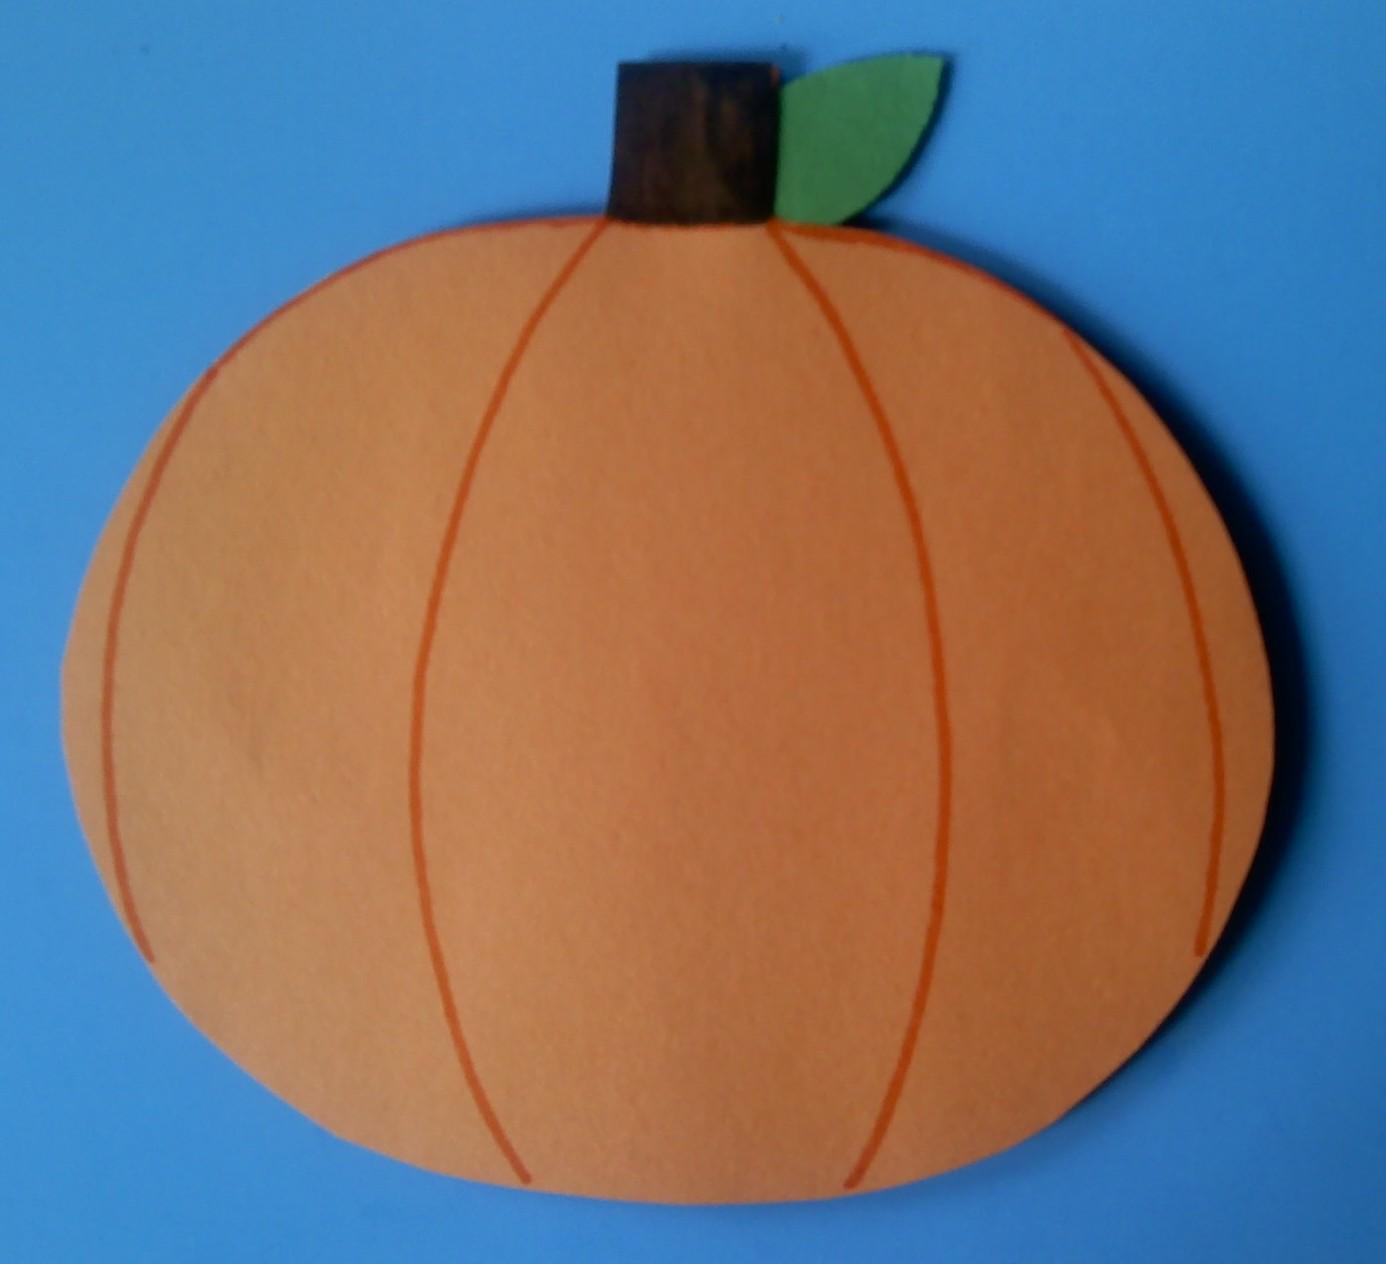 Crafts For Preschoolers Whats Inside A Pumpkin Craft